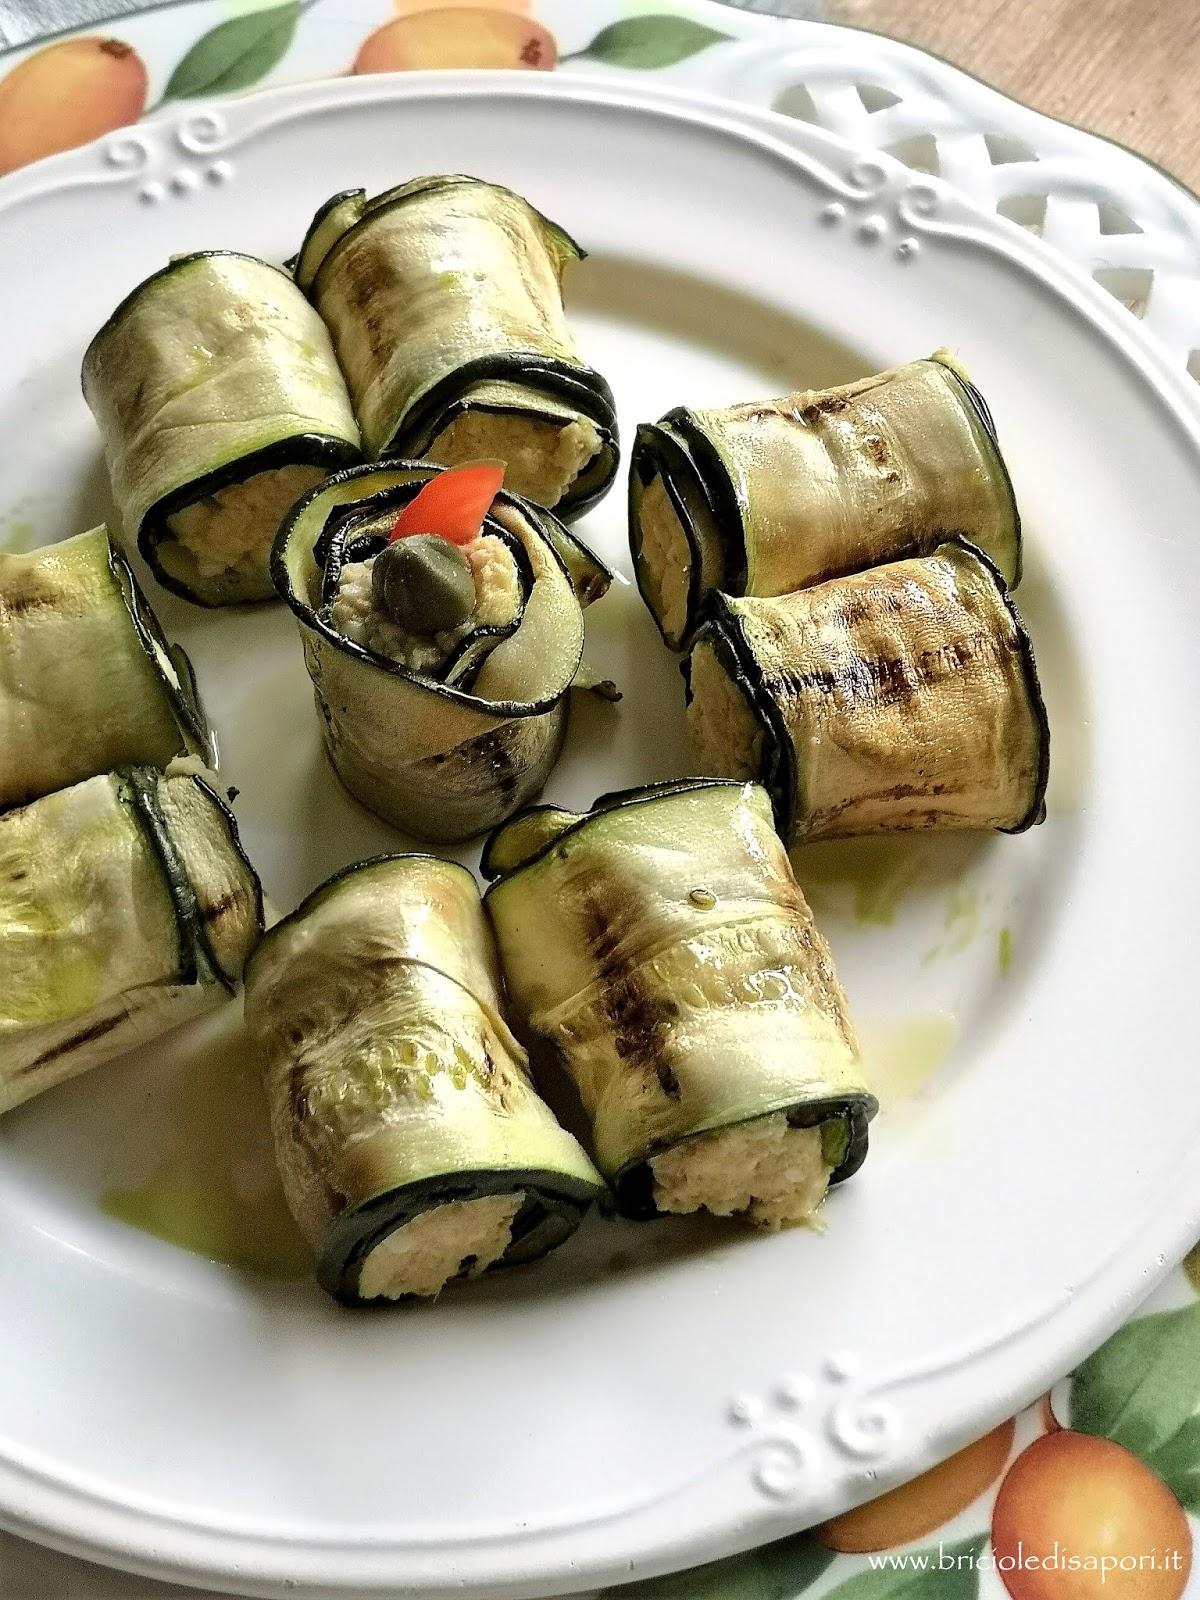 involtini di zucchine grigliate con crema di tonno